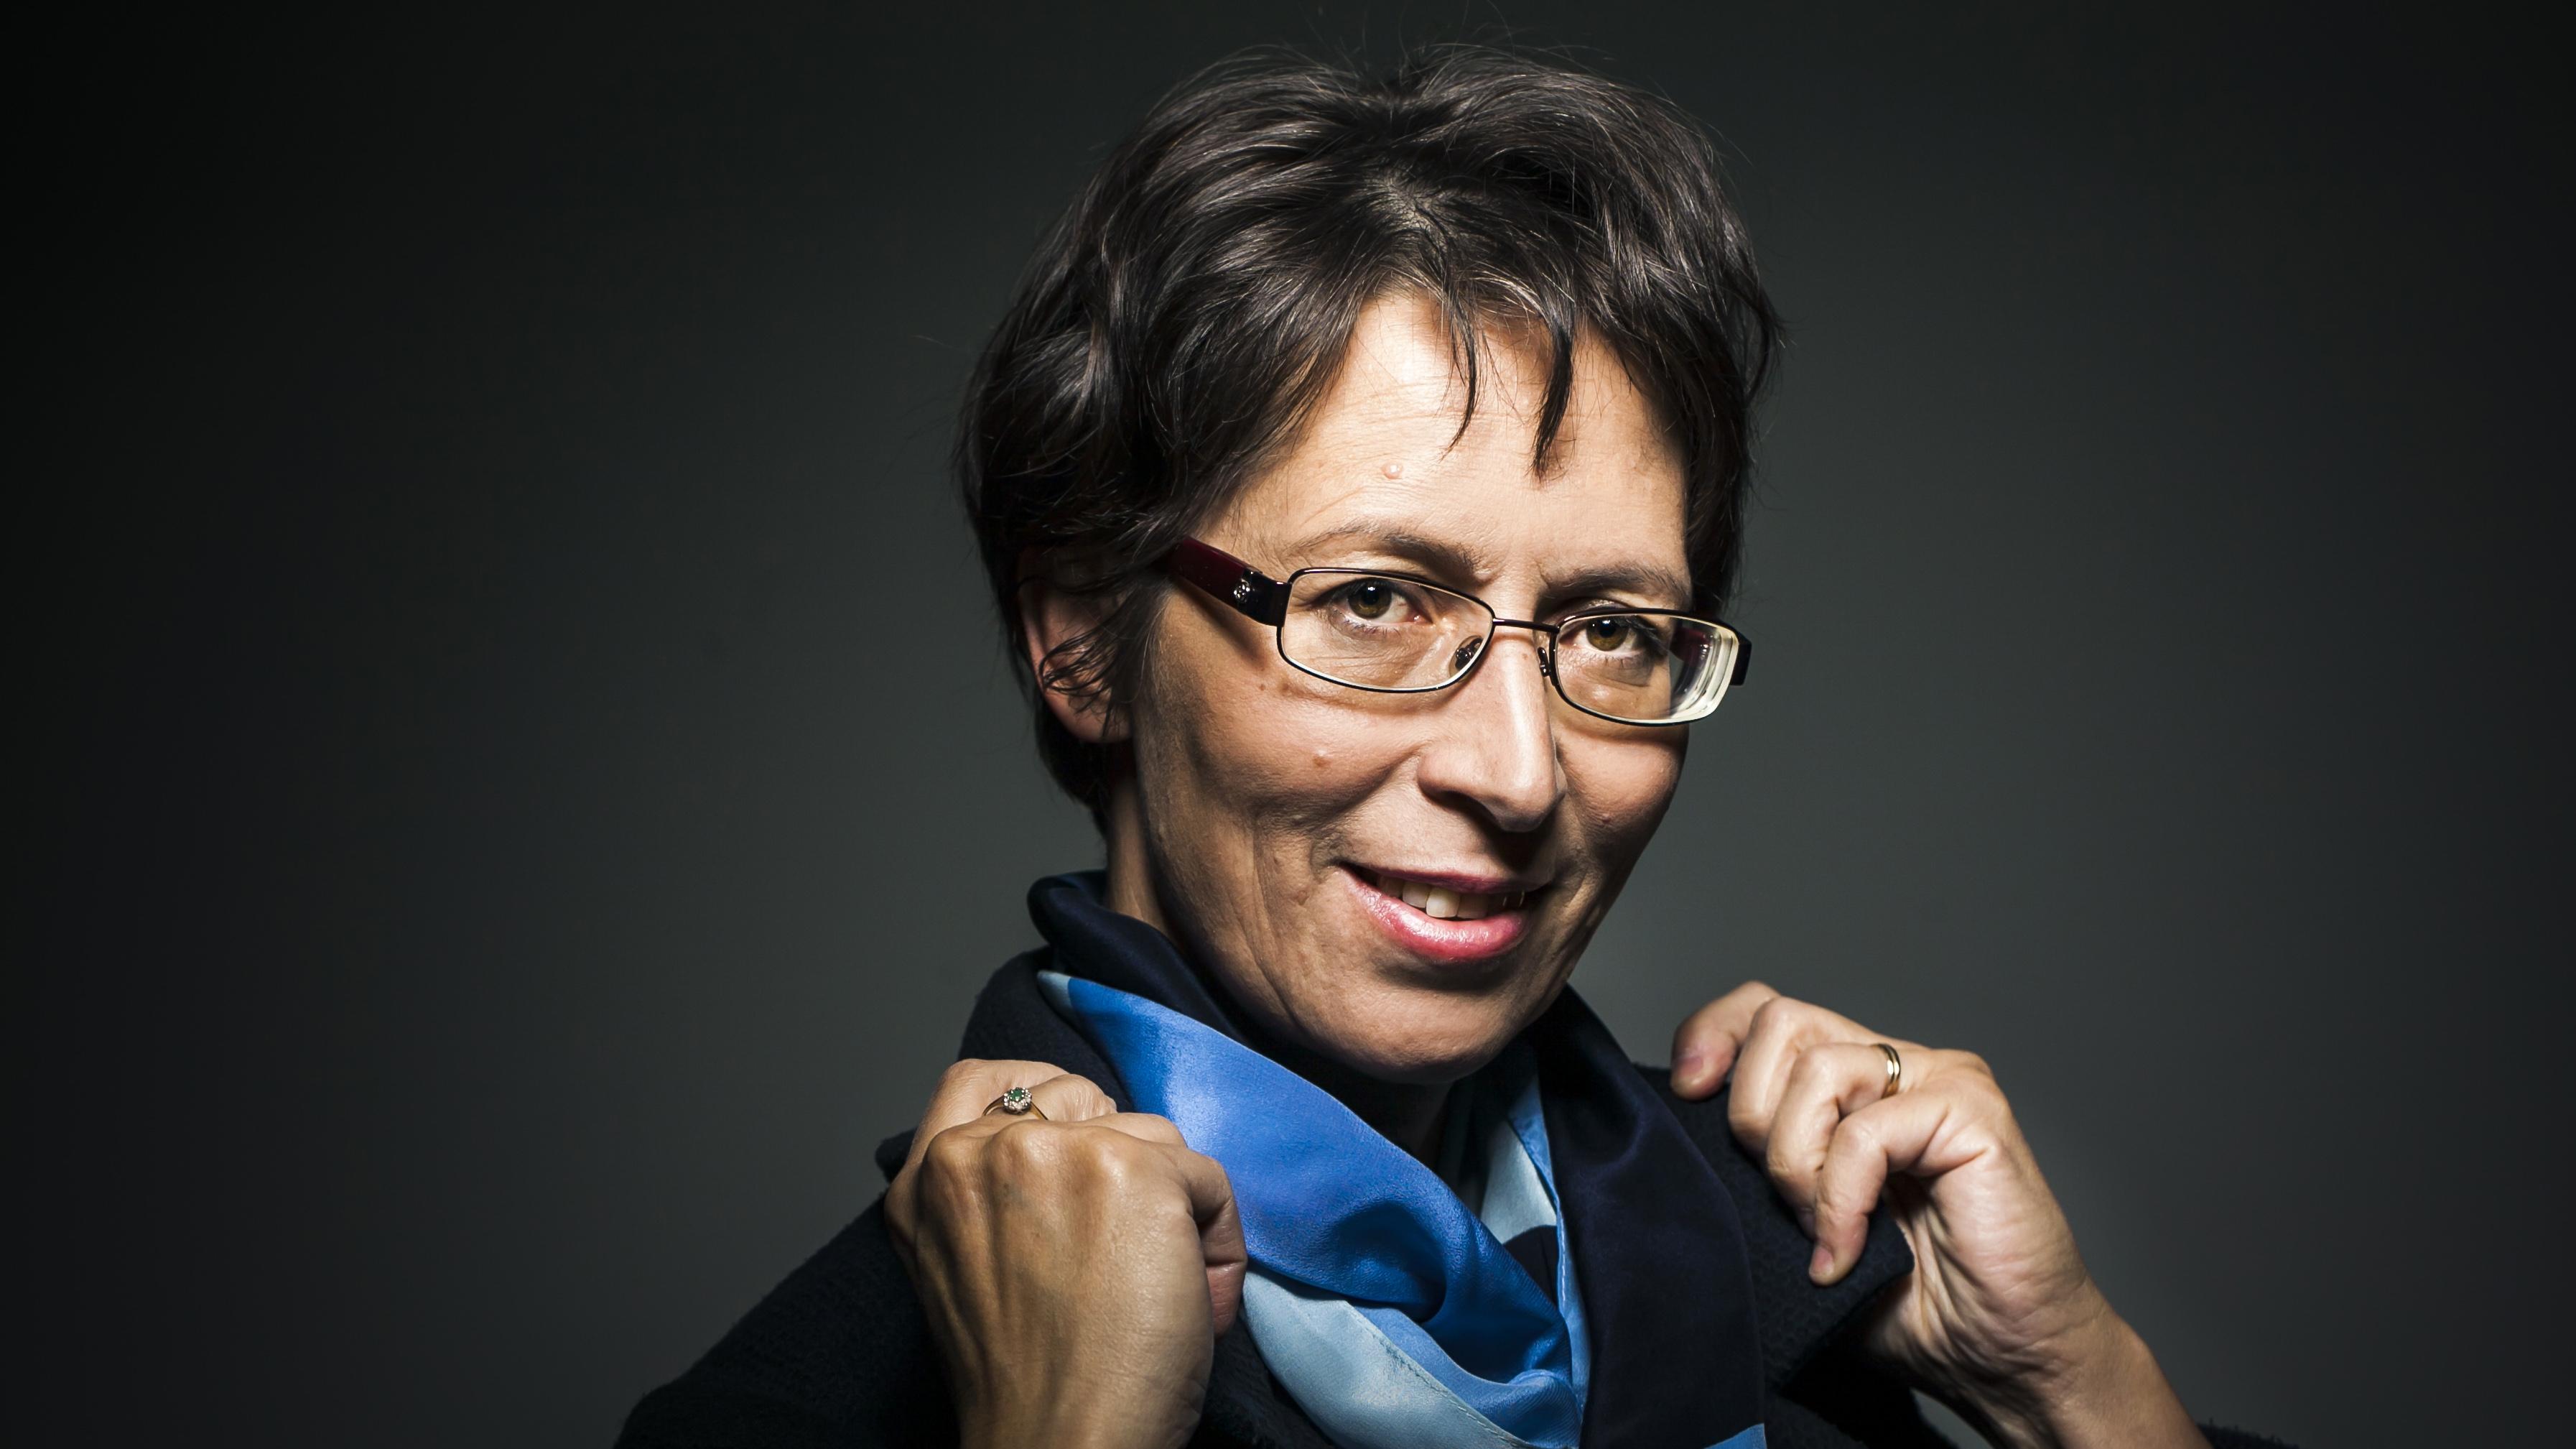 Kristillisdemokraattien puheenjohtajaksi Sari Essayah valittiin ensimmäisen kerran vuonna 2015. Hänet valittiin toiselle kaudelle siitä huolimatta, että hän sairasti valinnan aikaan syöpää.